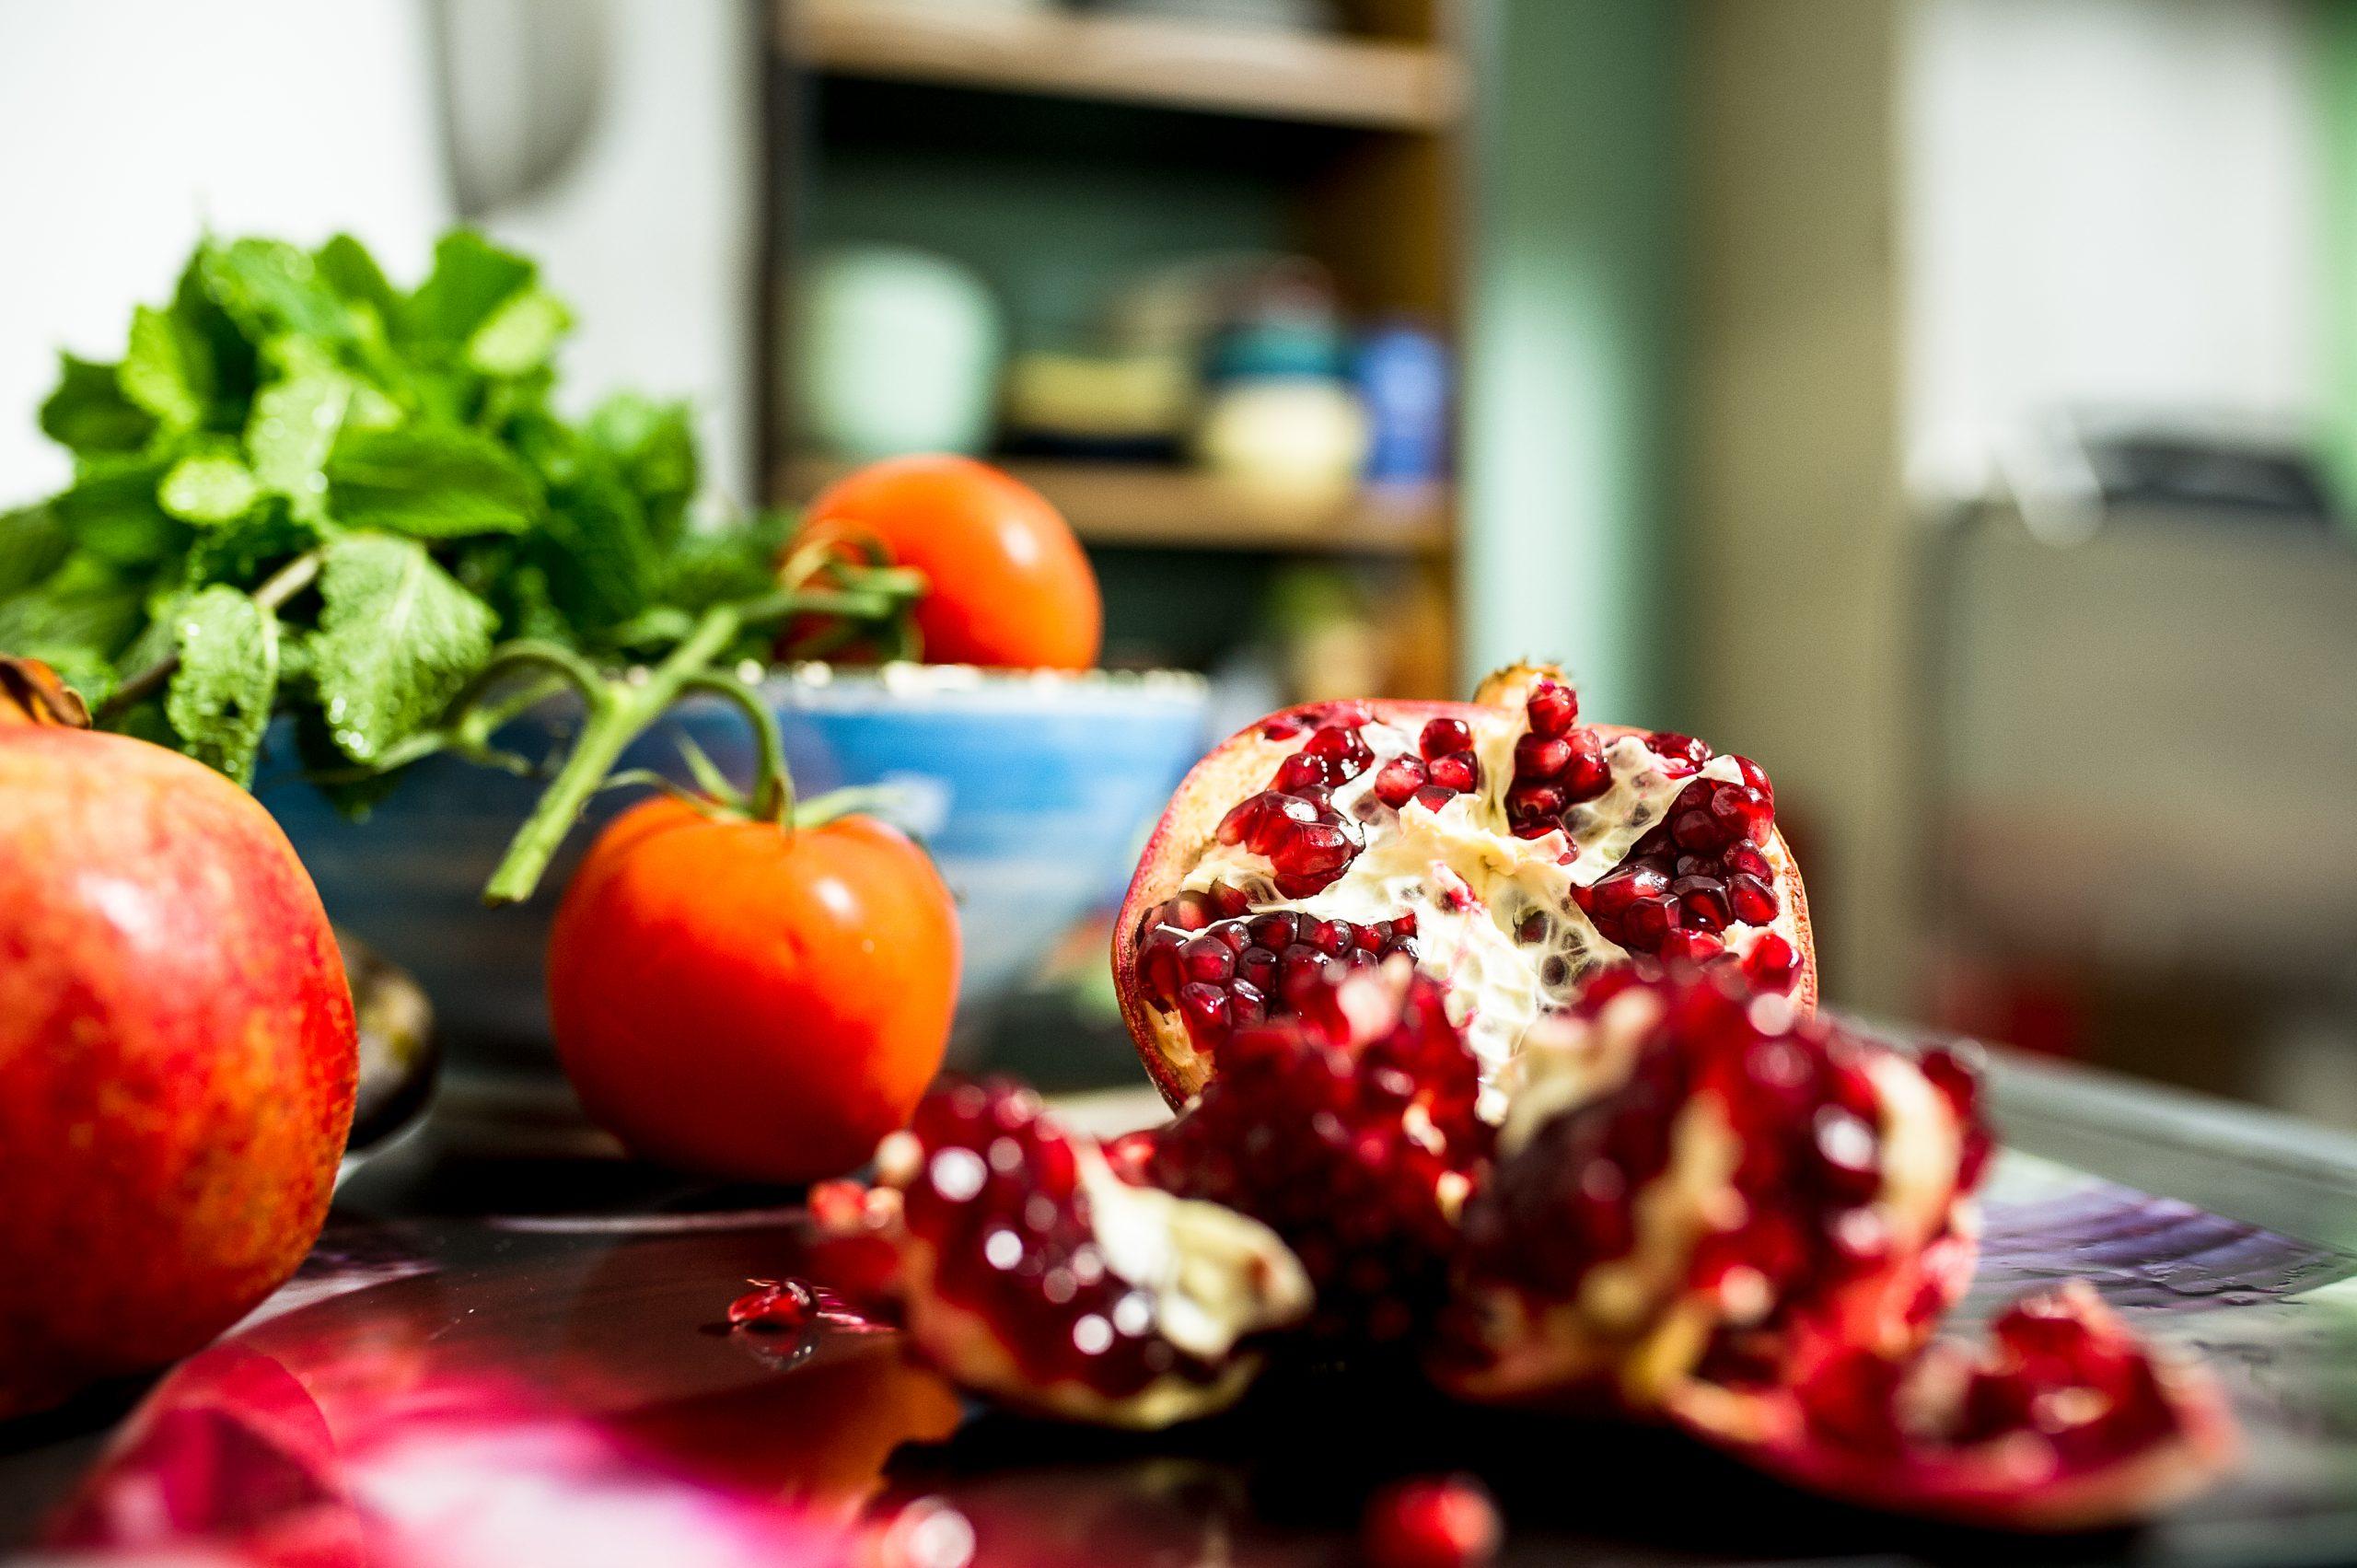 Granatapfelkerne, Tomaten und frische Minze